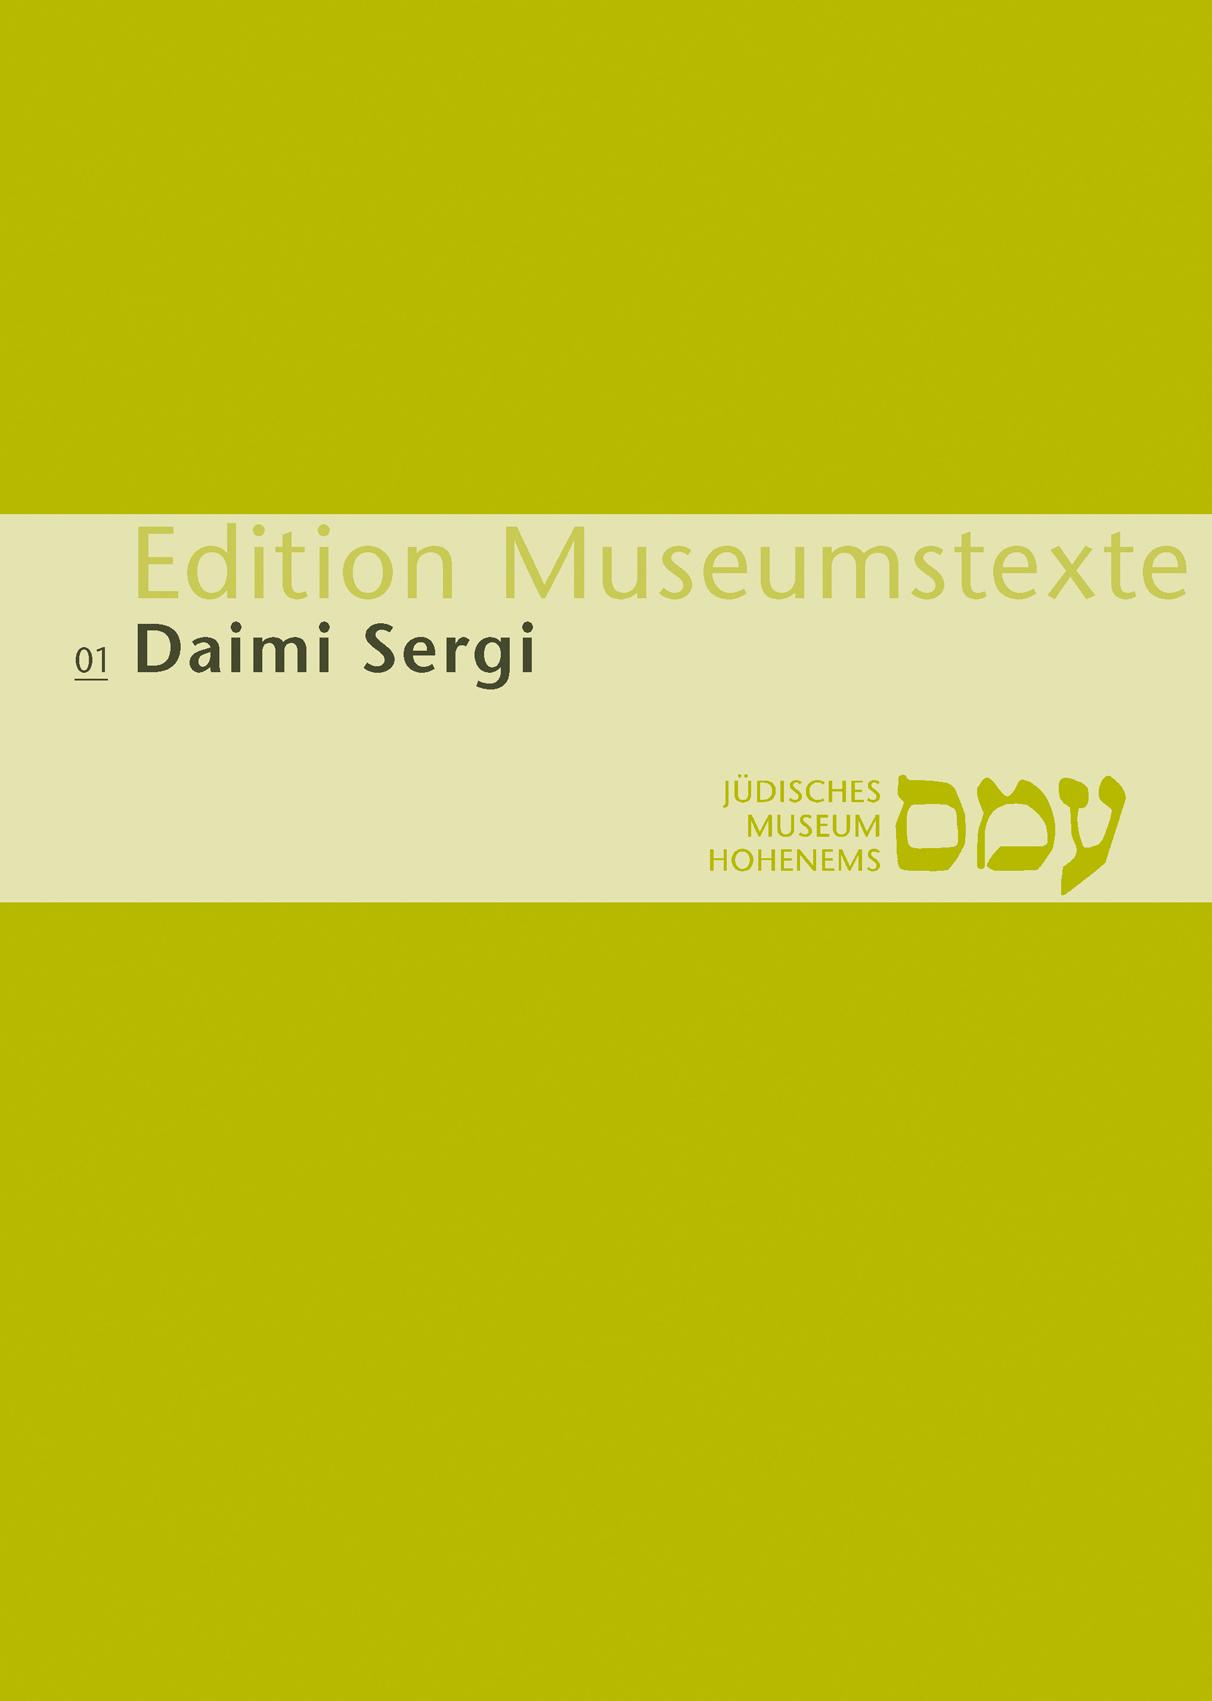 5 Publikation Daimi Sergi Cover